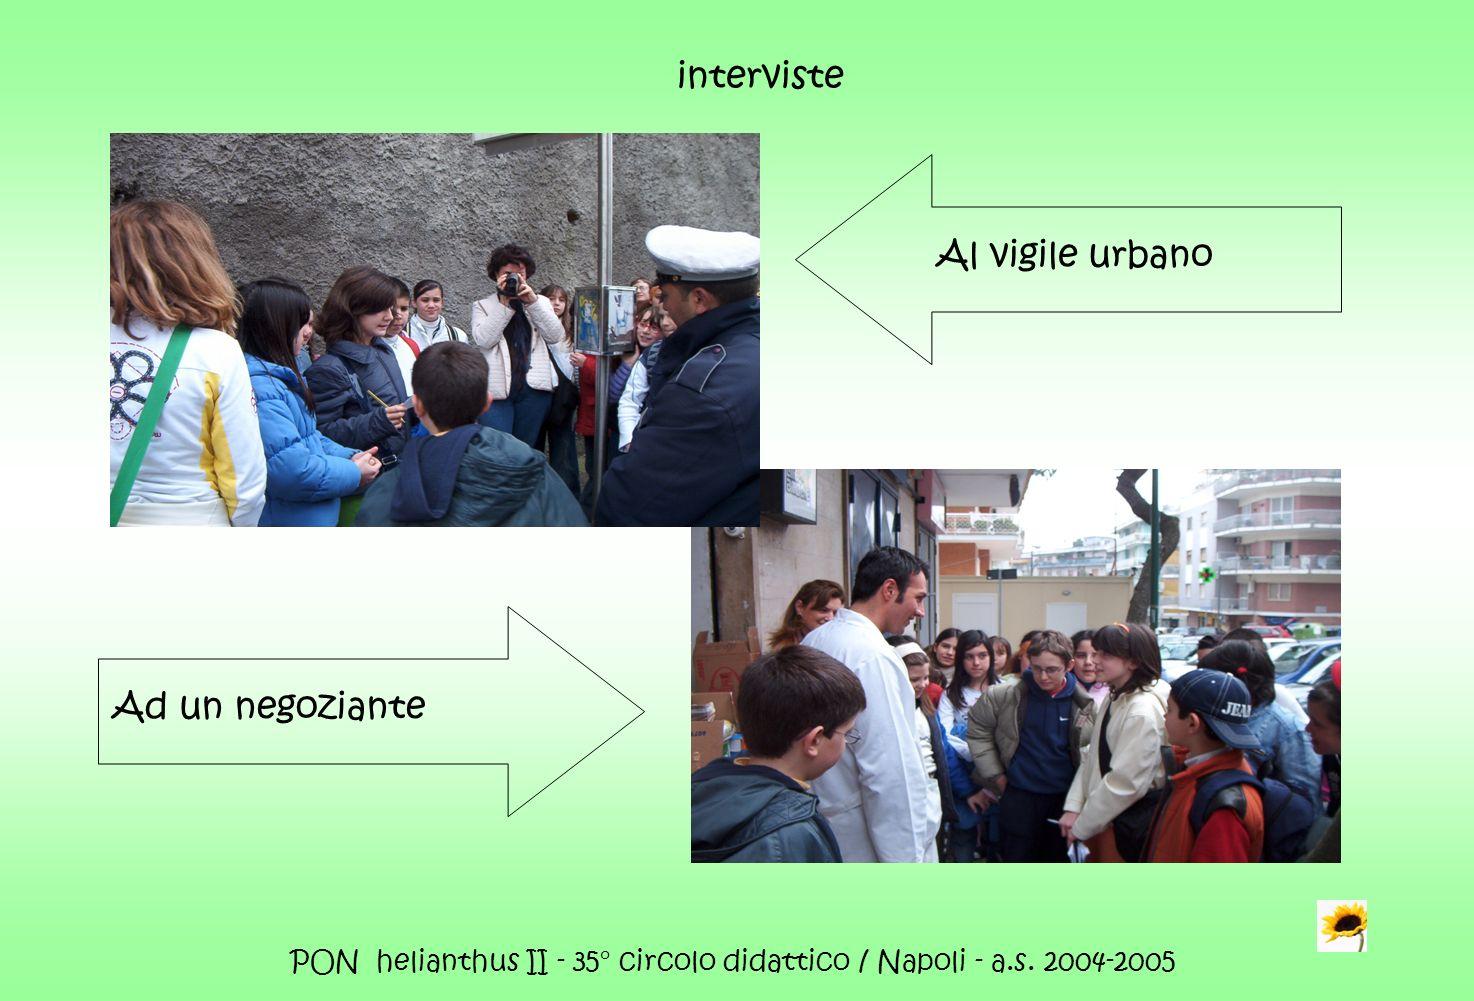 PON helianthus II - 35° circolo didattico / Napoli - a.s. 2004-2005